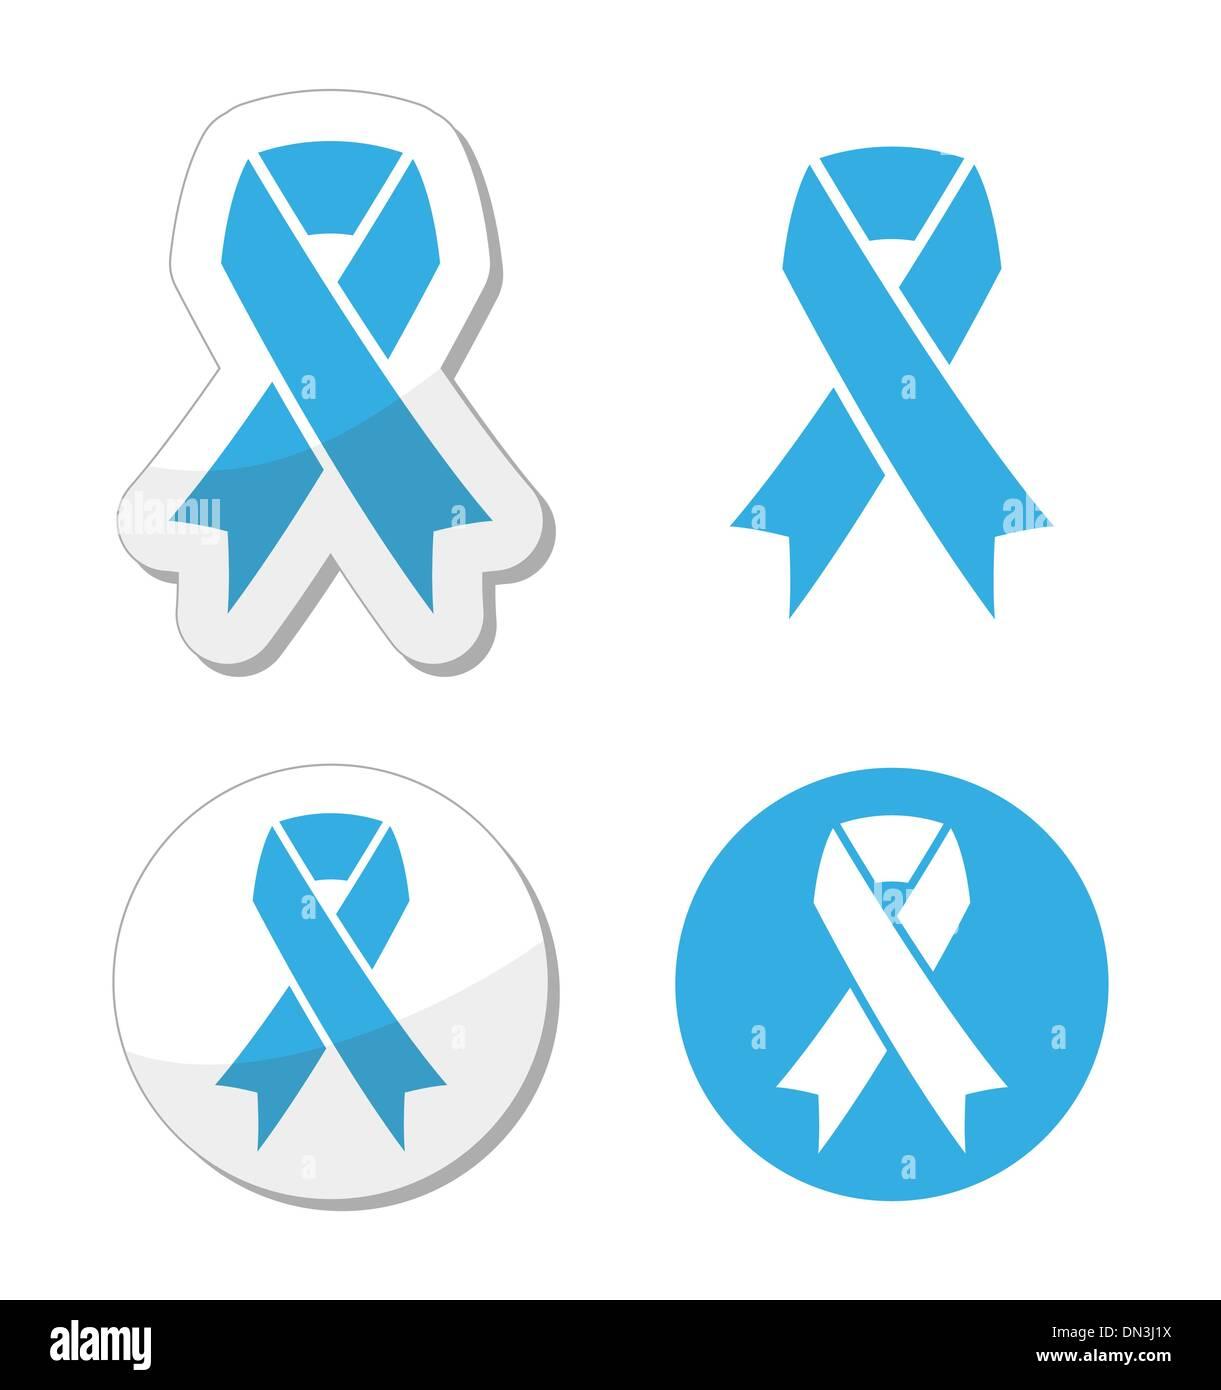 Colon Cancer And Ribbon Stock Photos Colon Cancer And Ribbon Stock